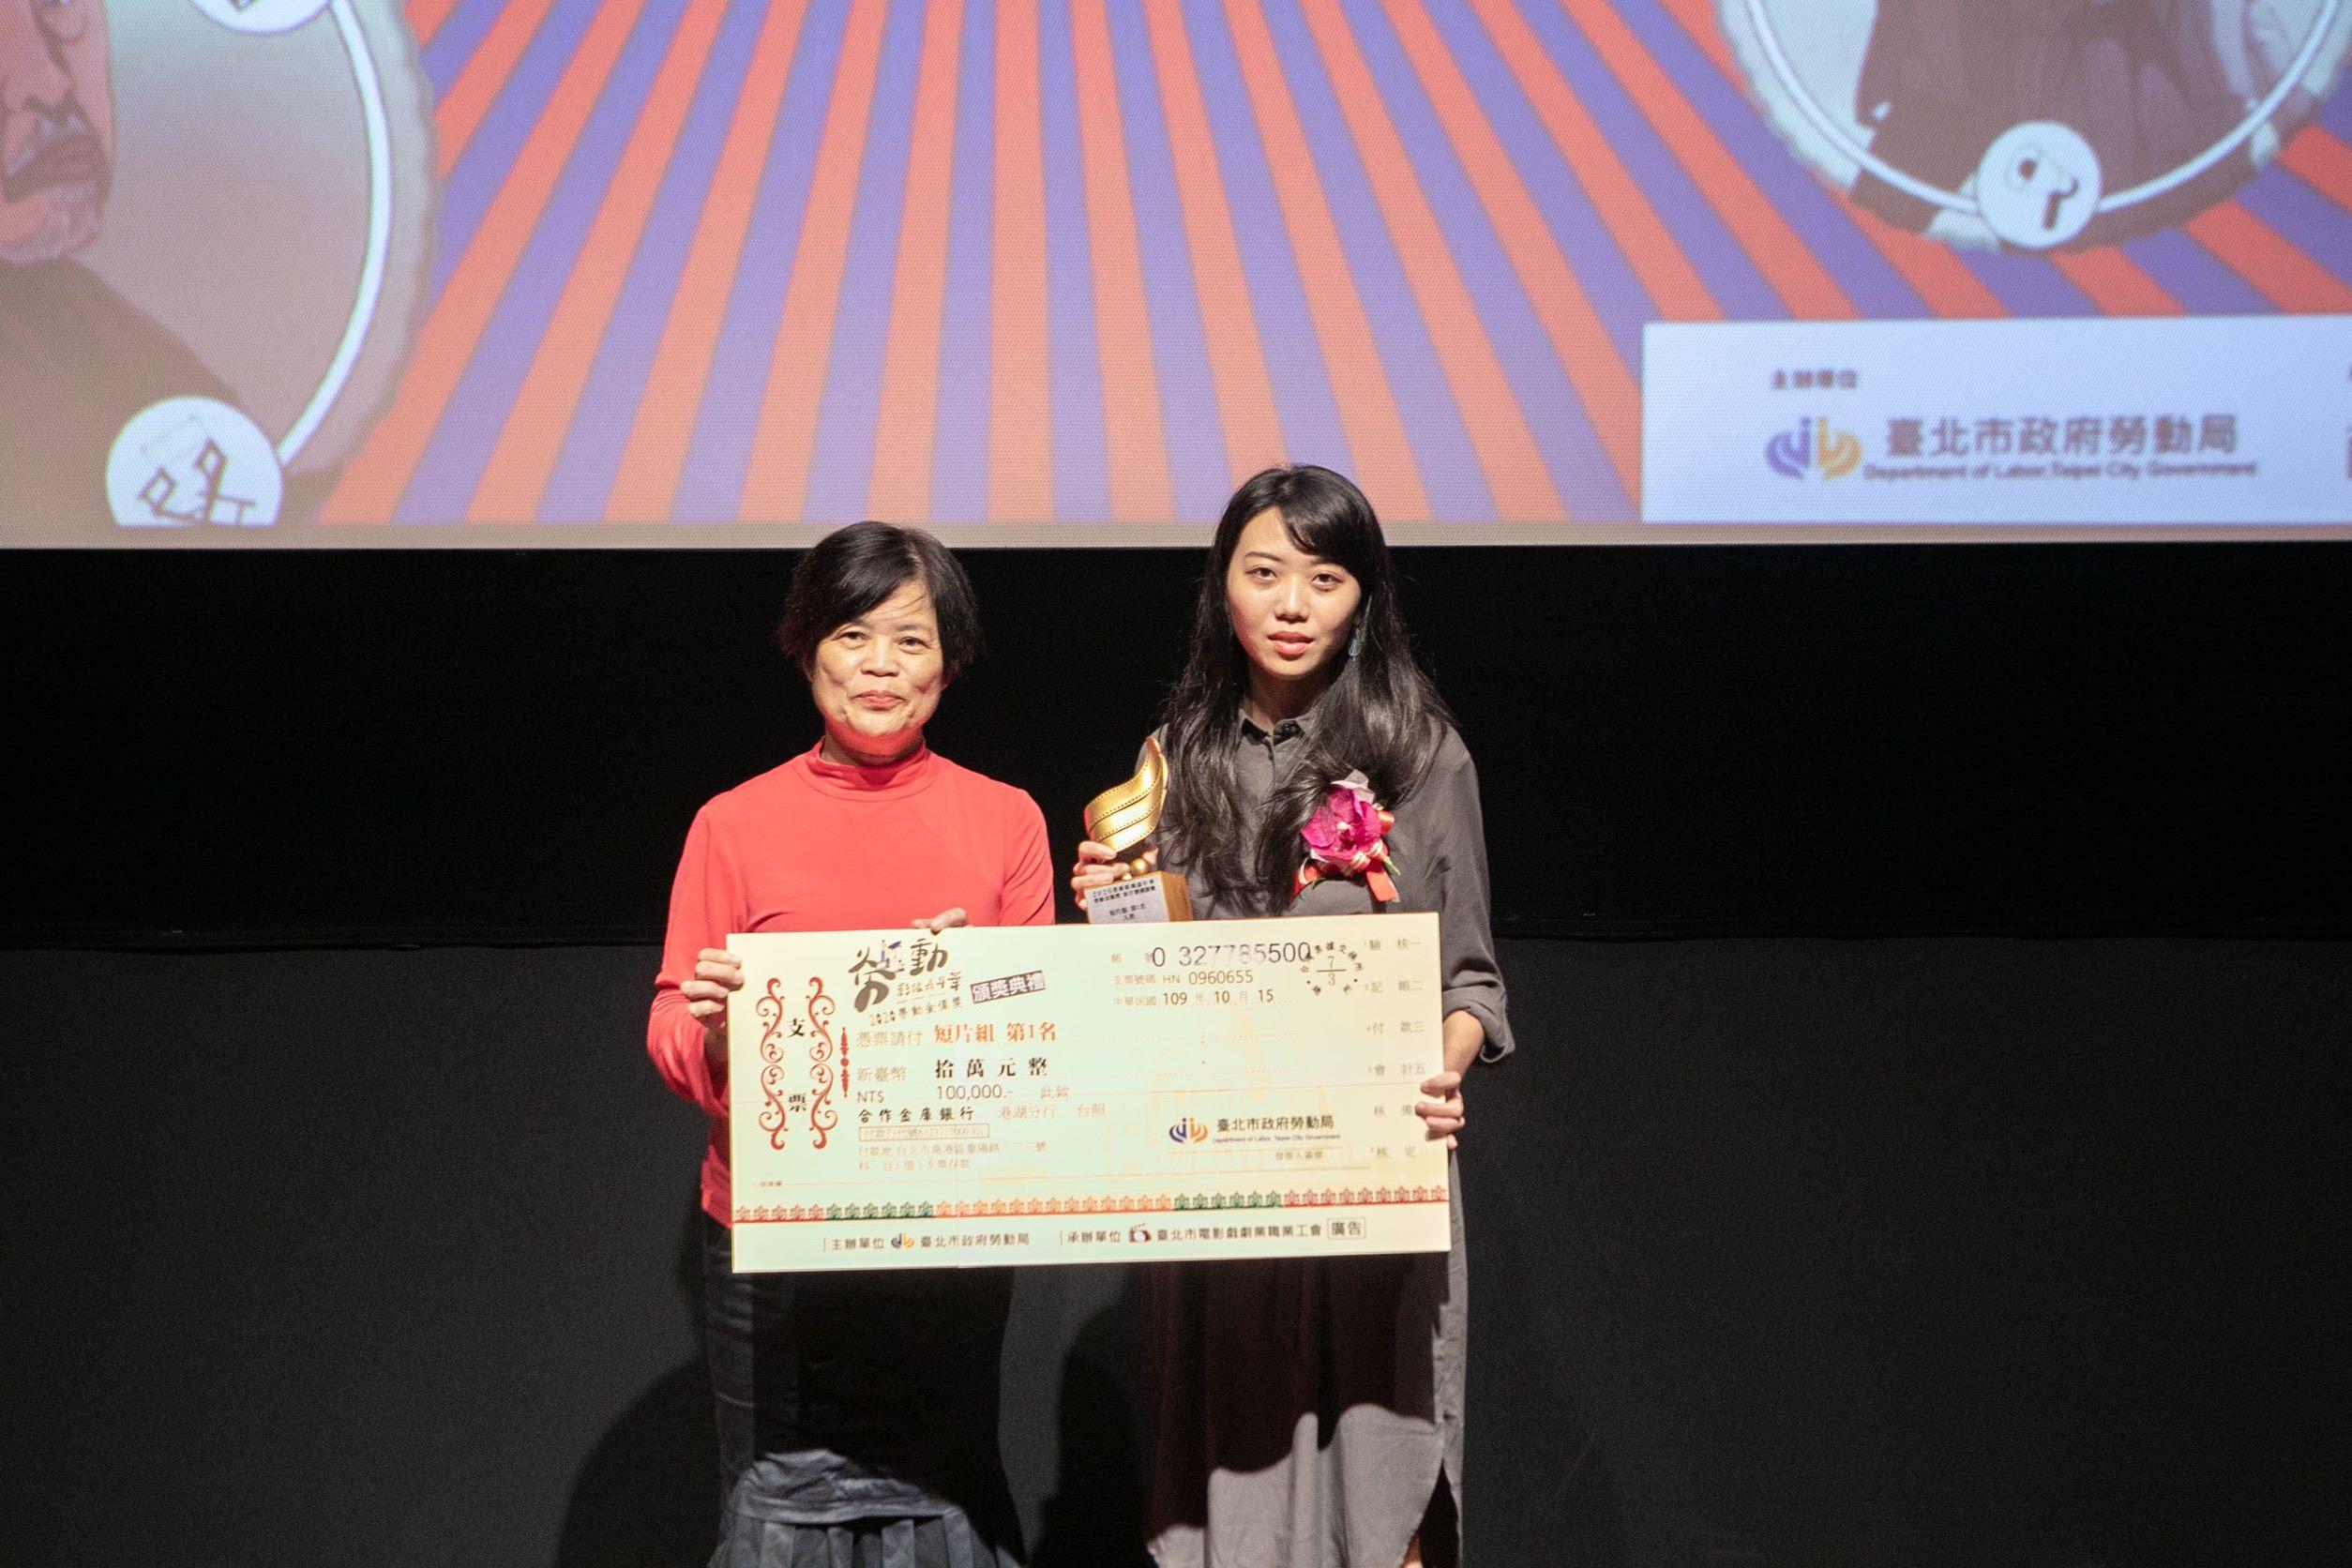 勞動局徐玉雪副局長頒發短片組第1名予吳郁芬執導《入世》